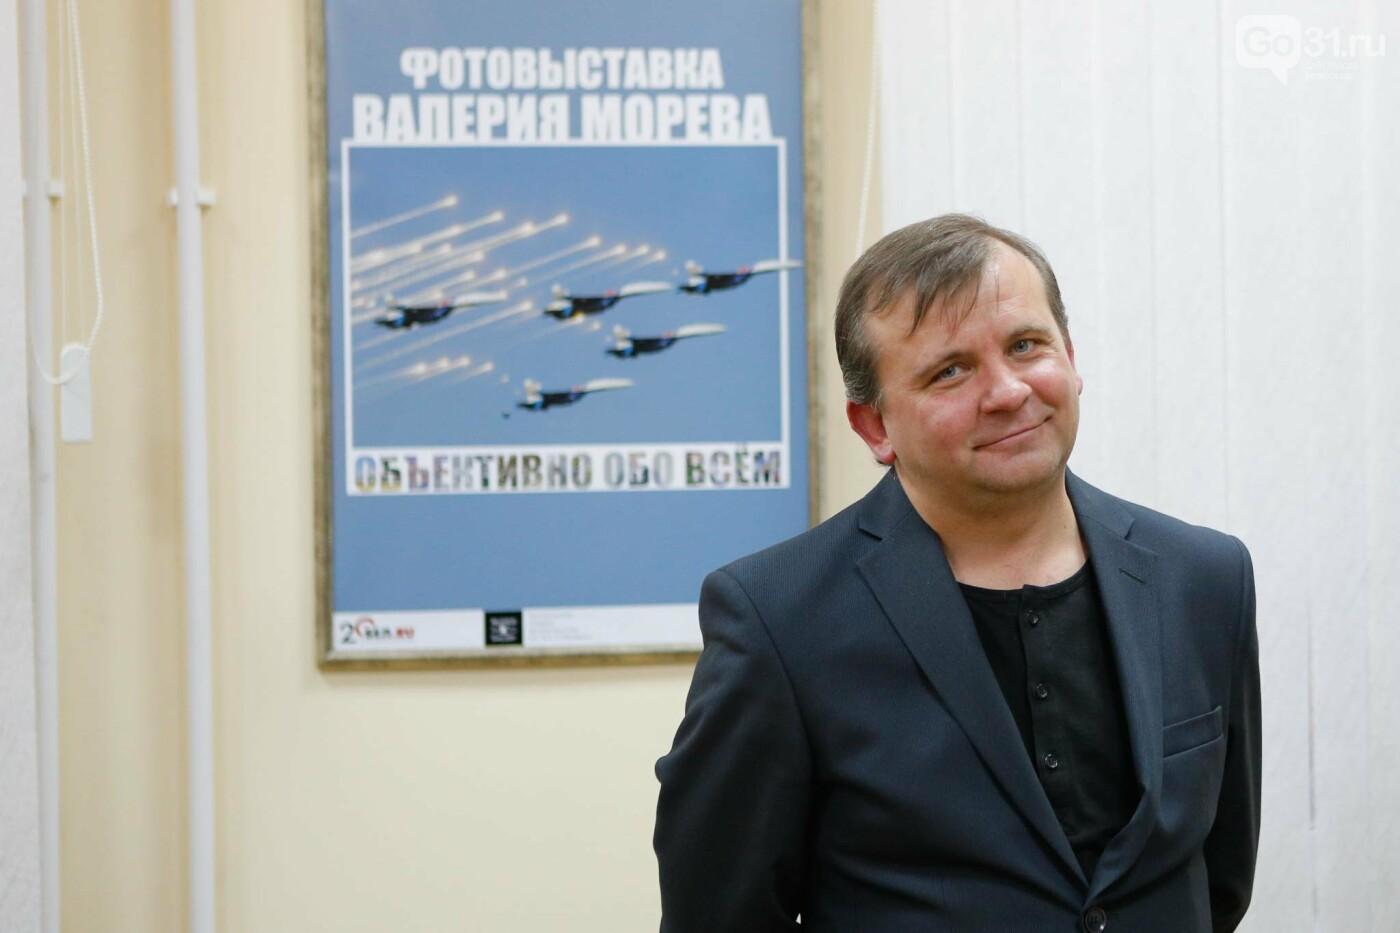 «Вежливое кредо». В Белгороде открылась персональная фотовыставка Валерия Морева, фото-28